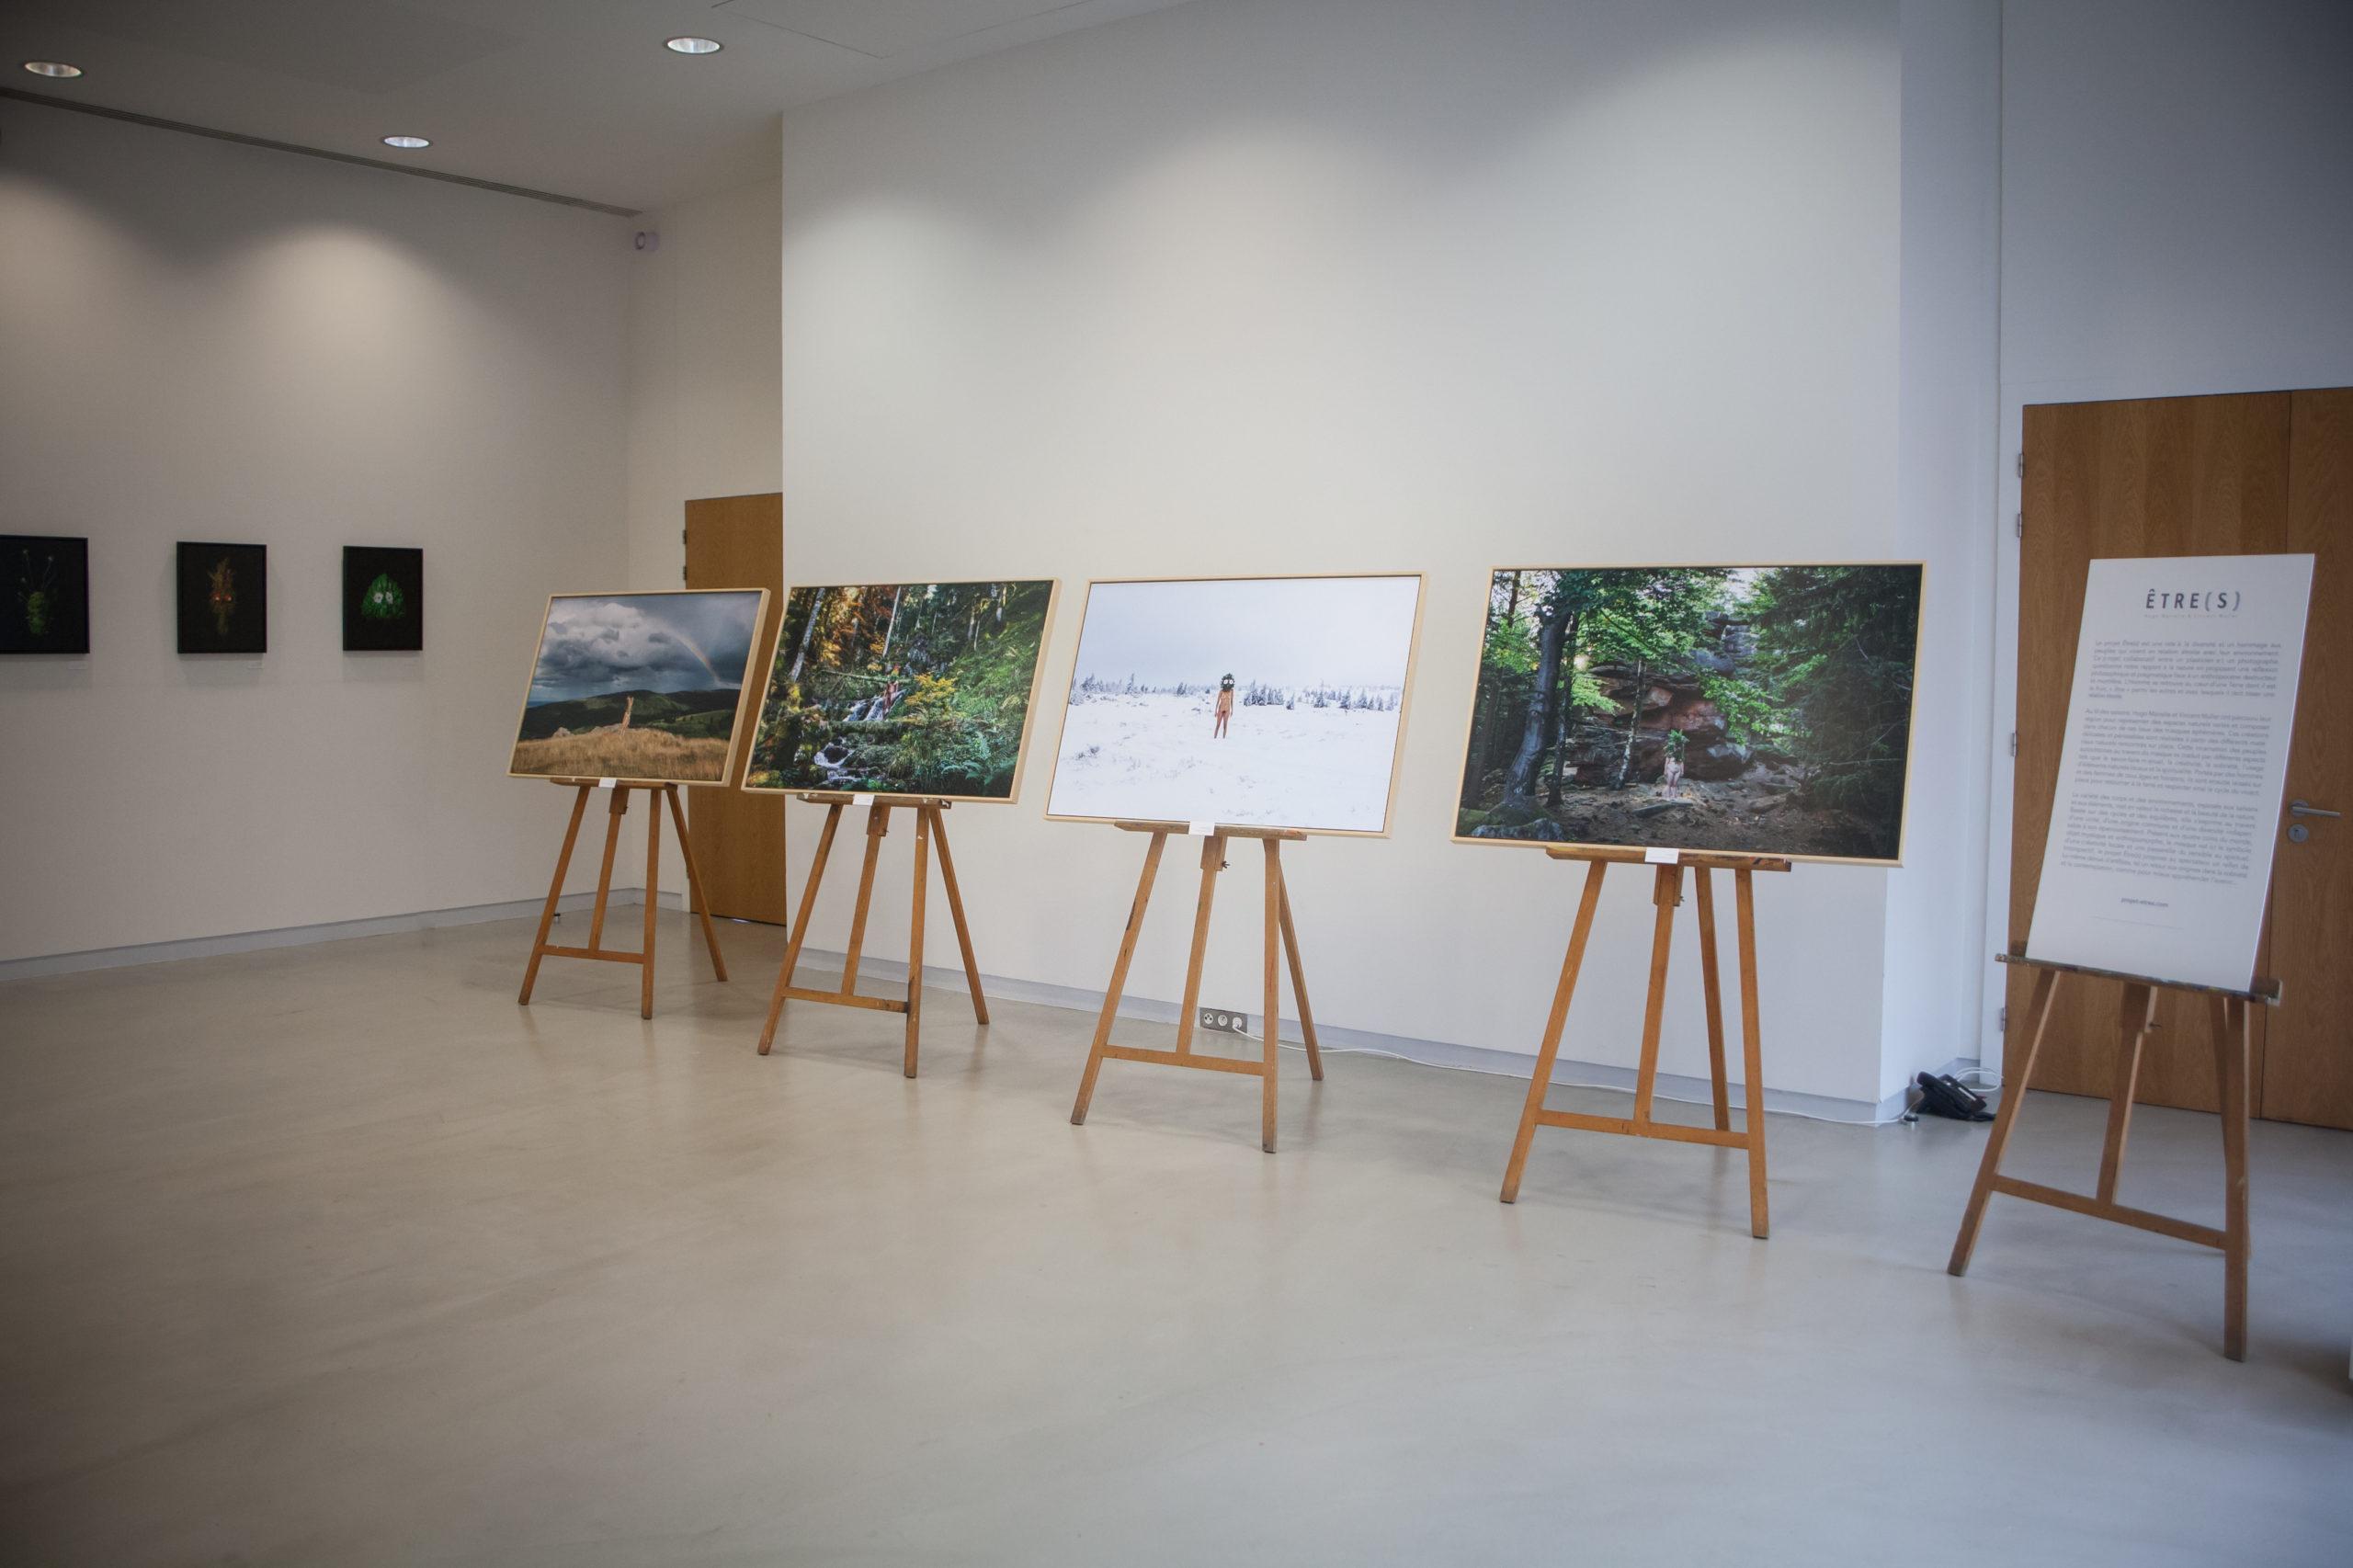 Les œuvres du projet photo « Être(s) » réalisé par le plasticien Hugo Mairelle et le photographe Vincent Muller en Alsace